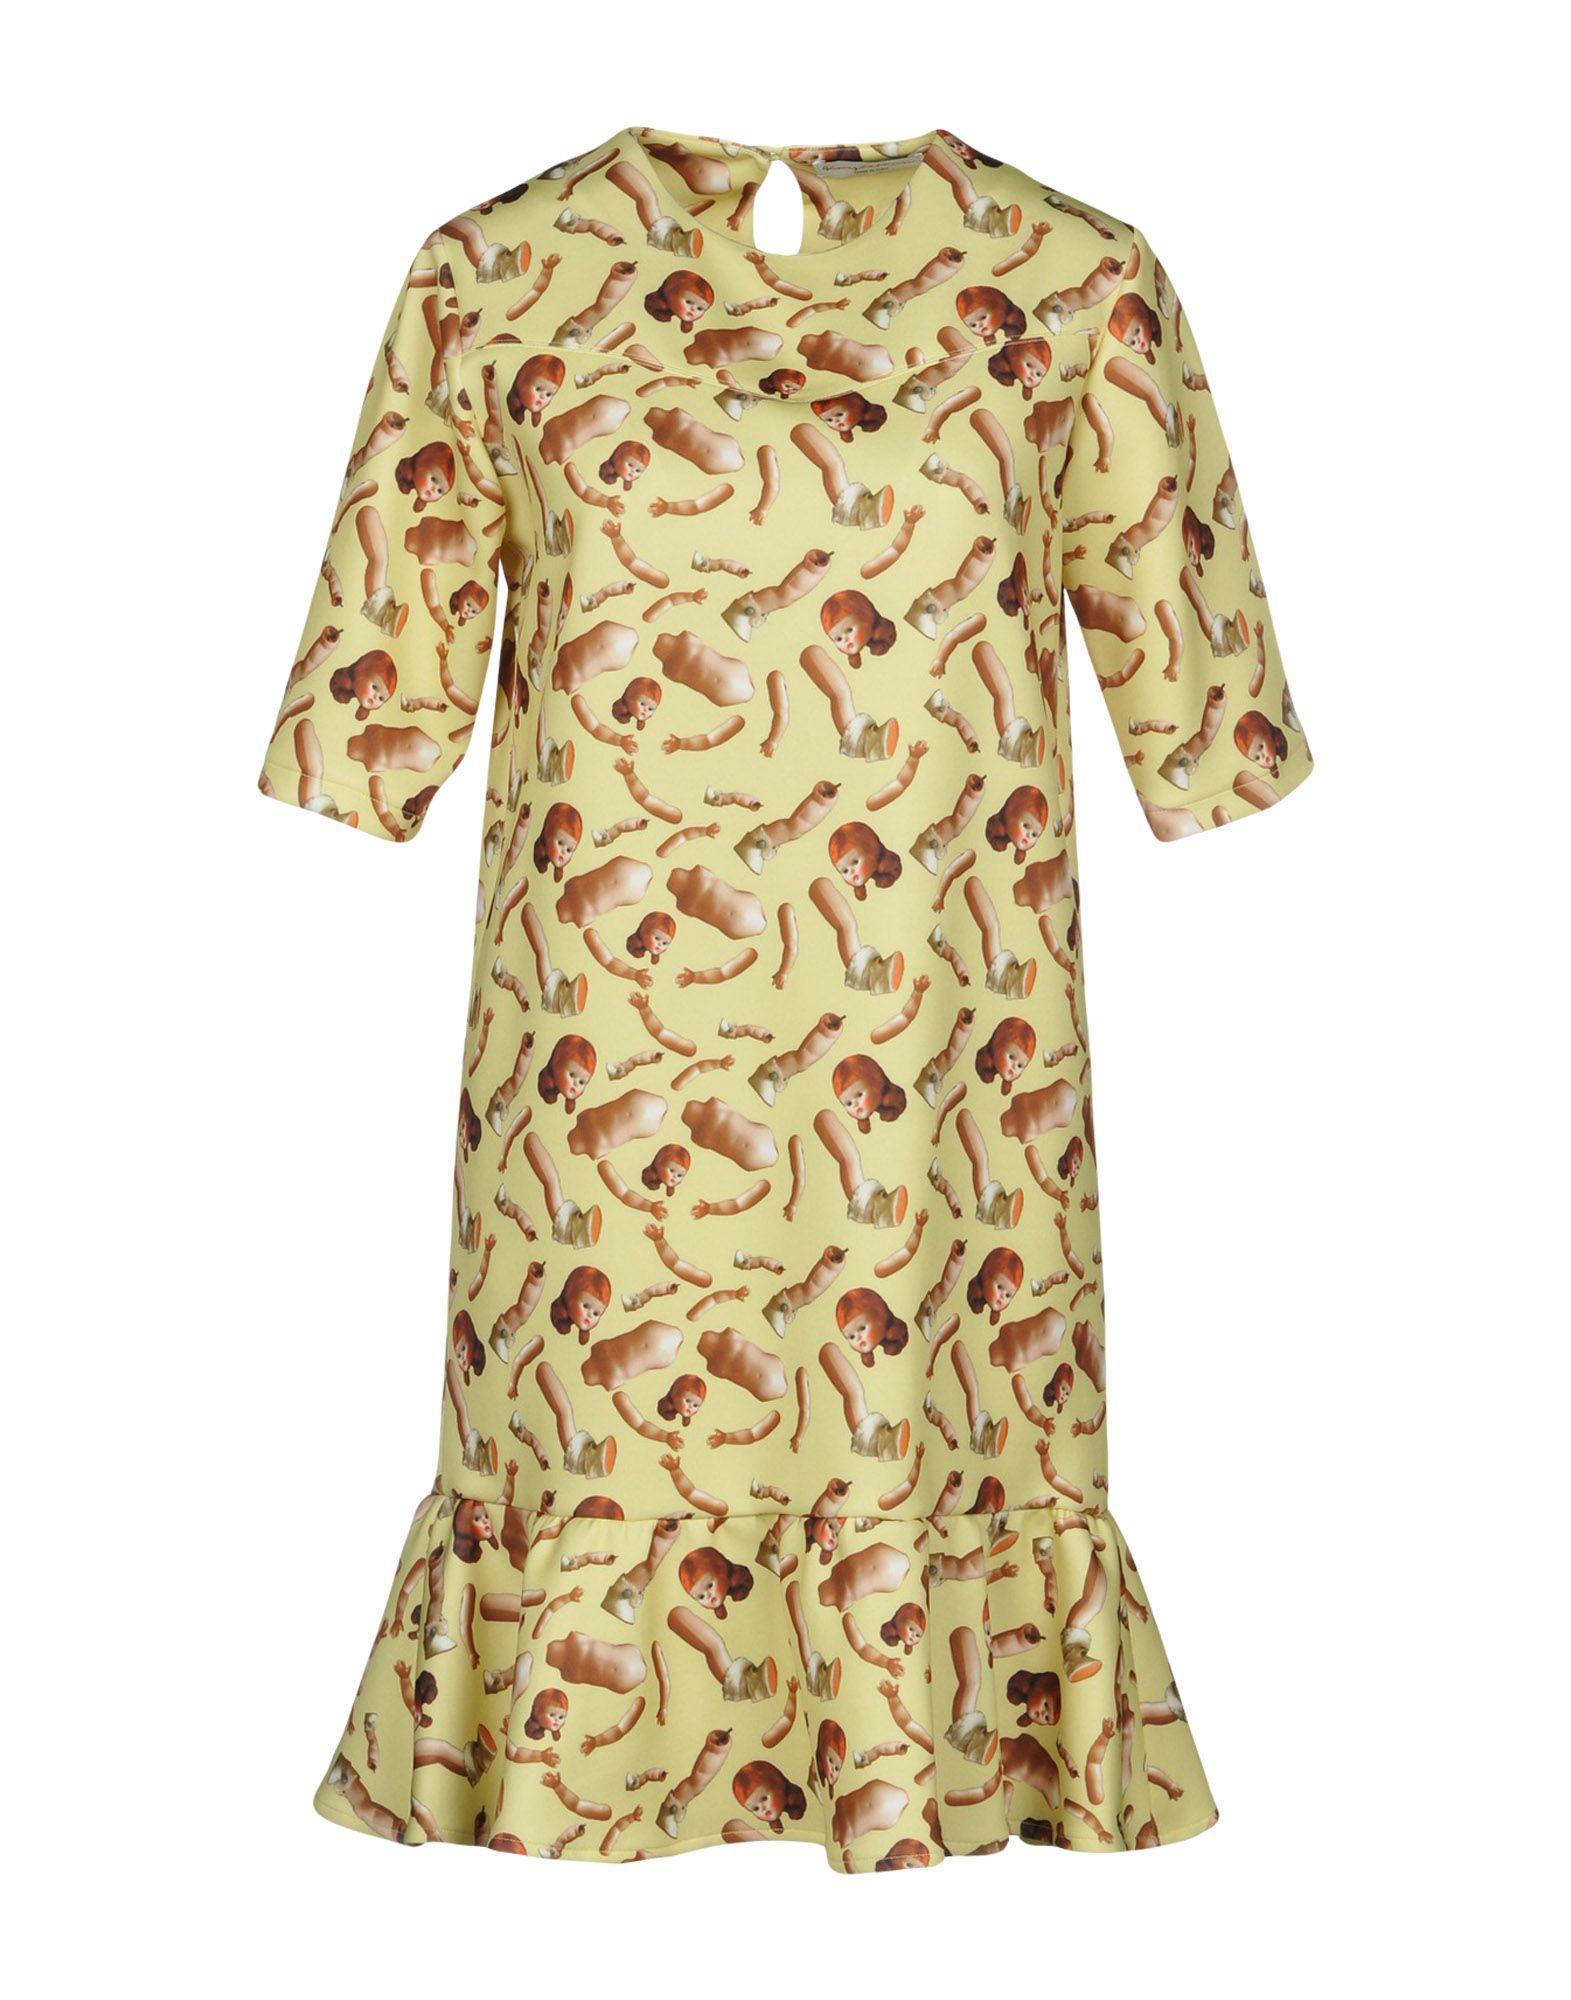 GIORGIA FIORE Short Dress in Yellow